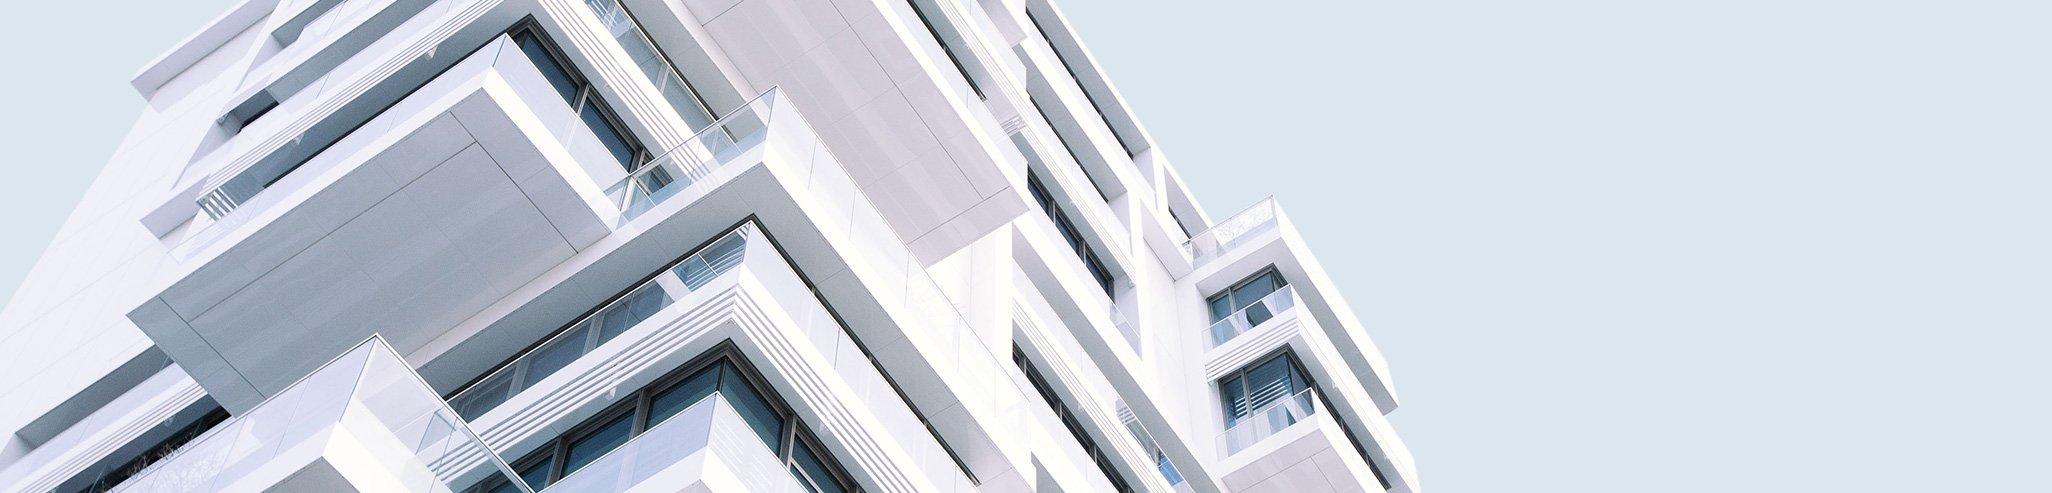 Immobilienkauf und Finanzierung